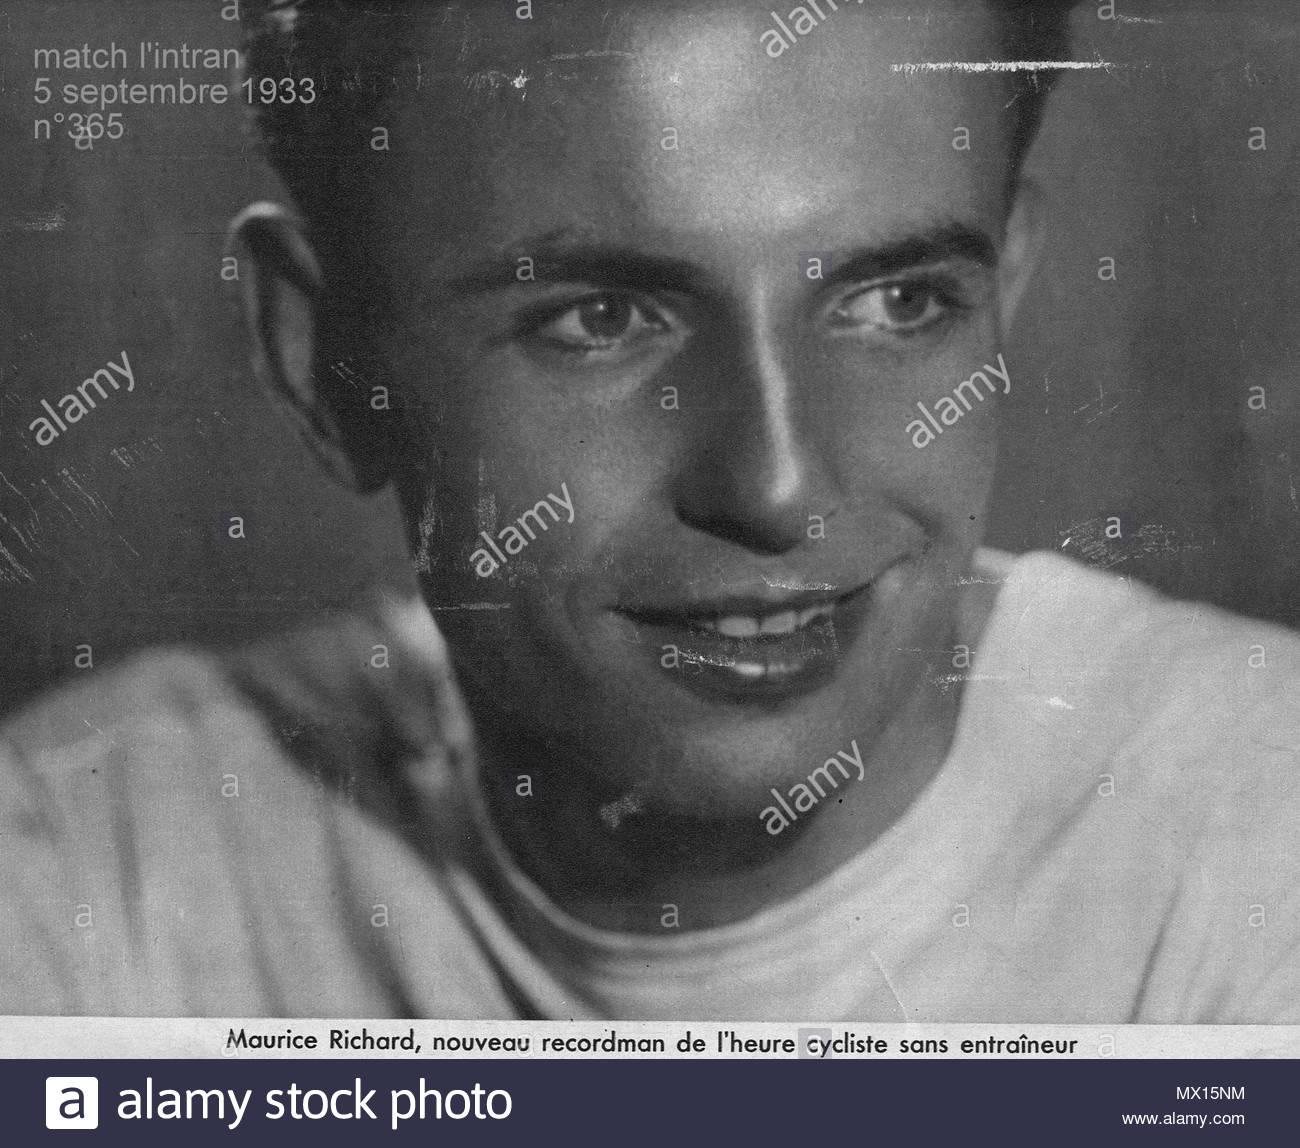 Français 1933 maurice richard est le nouveau recordman de lheure cycliste sans